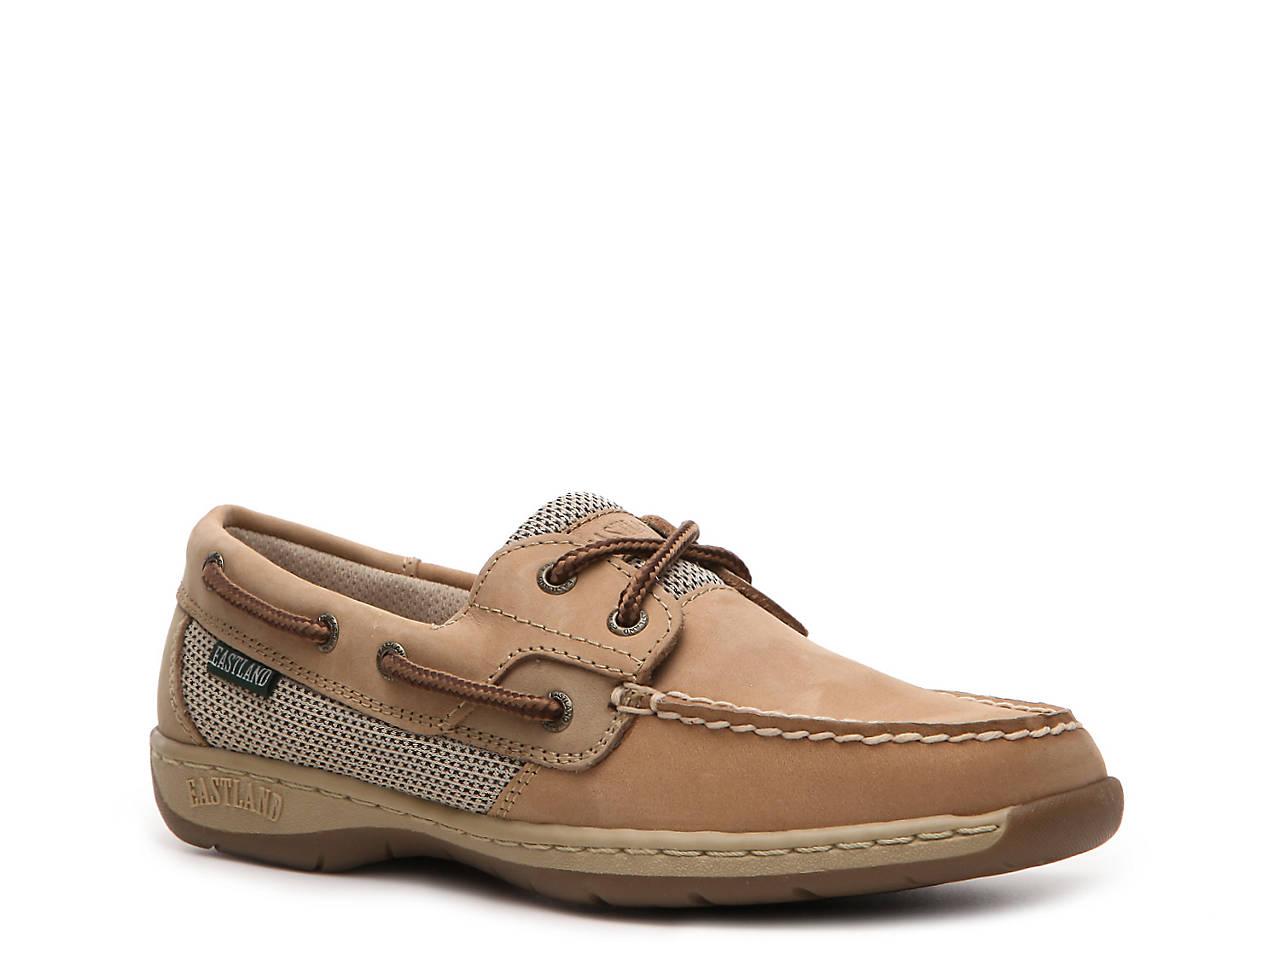 ba0d606ed625 Eastland Solstice Boat Shoe Women s Shoes